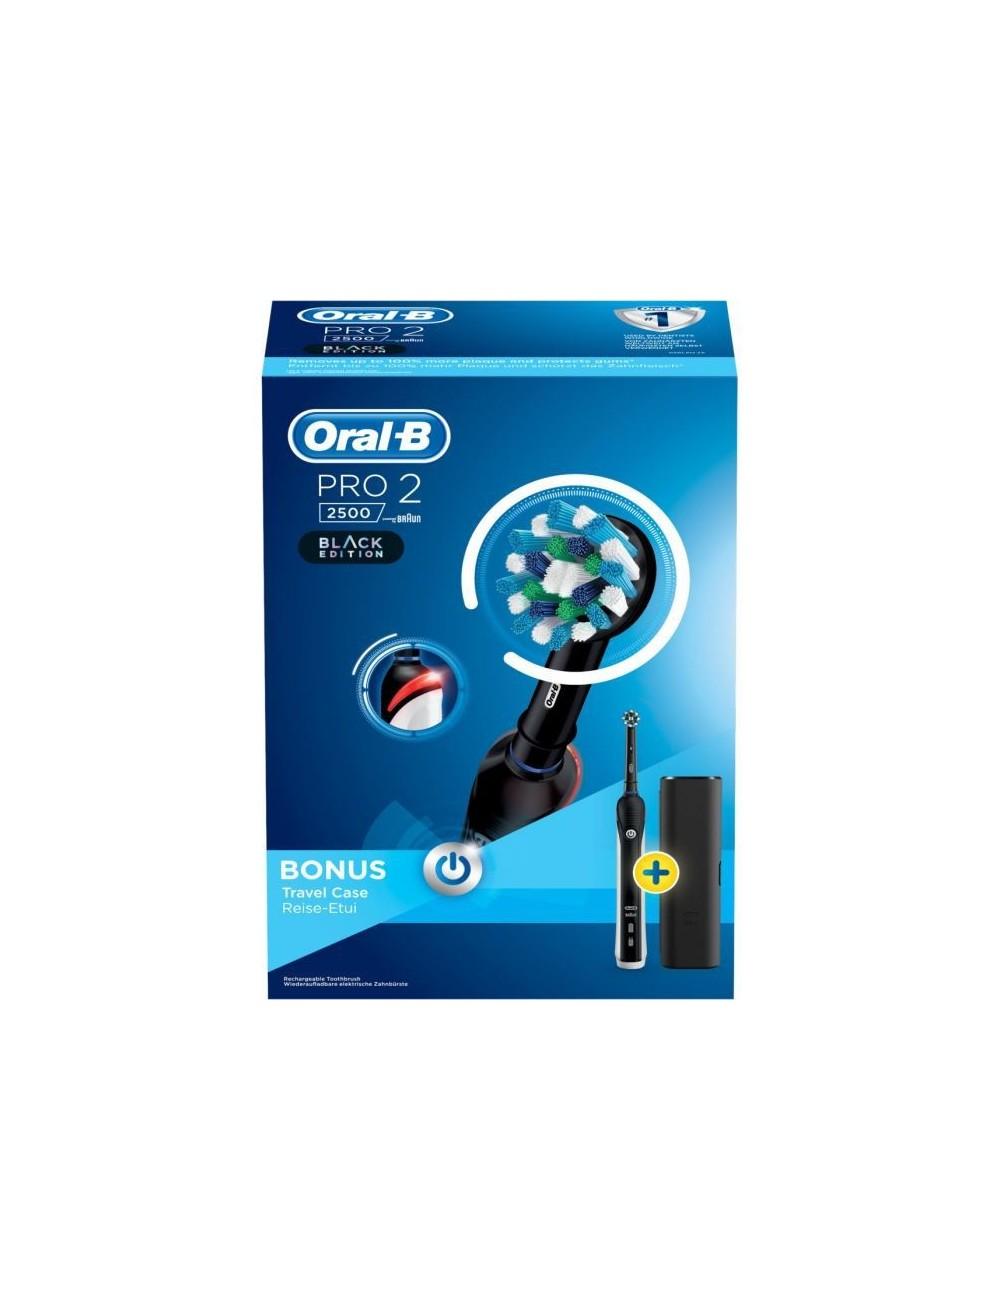 Cepillo de dientes Oral-B PRO 2500 Action Negro Braun estuche viaje